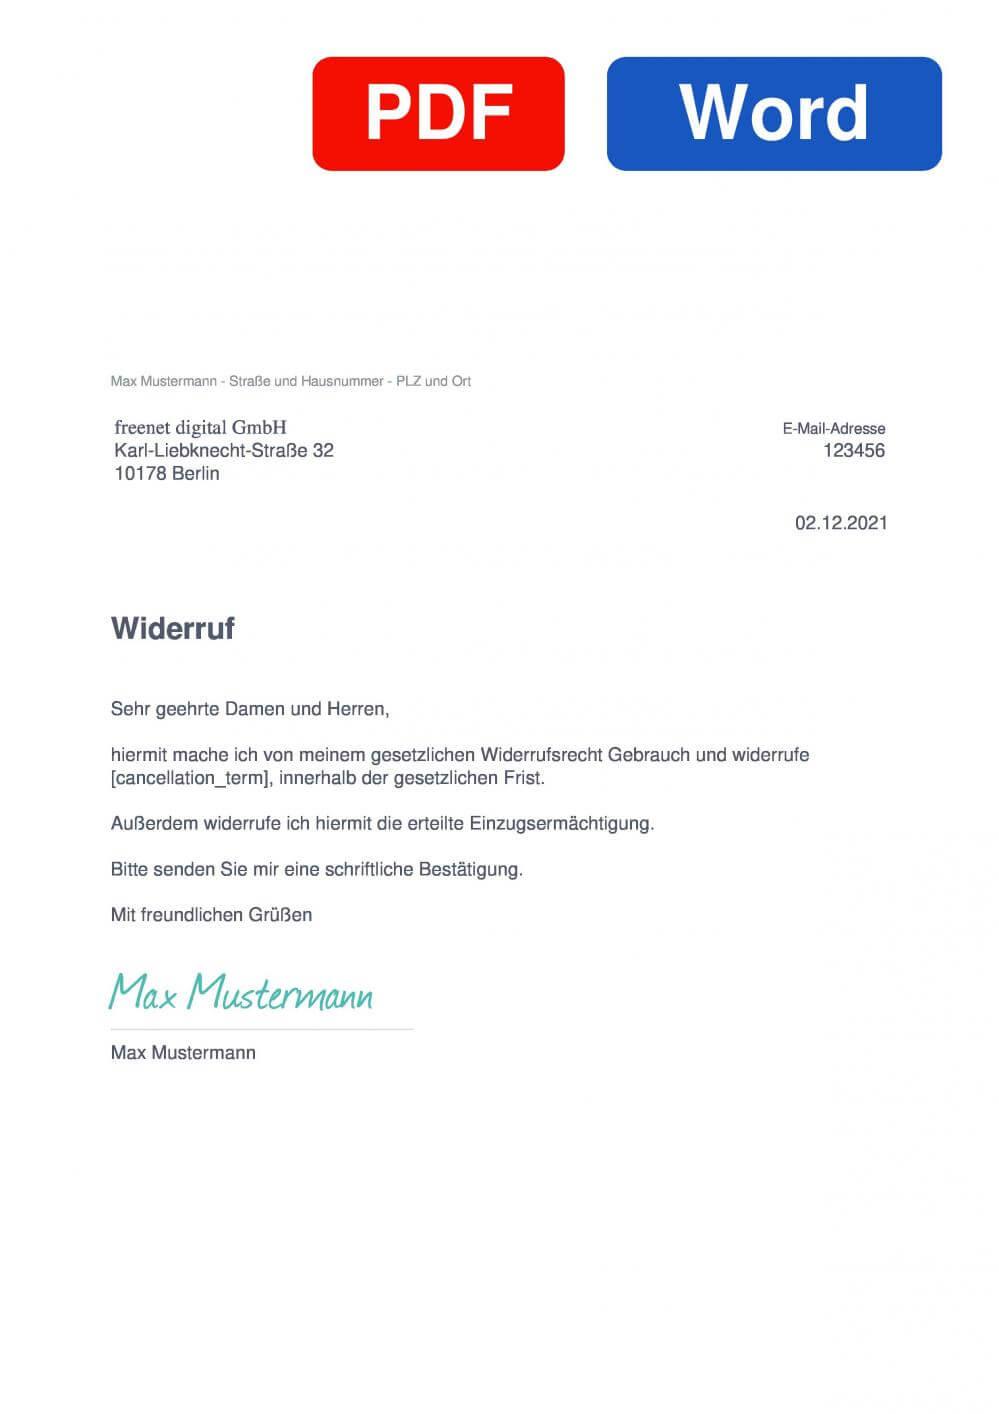 freenet digital Muster Vorlage für Wiederrufsschreiben